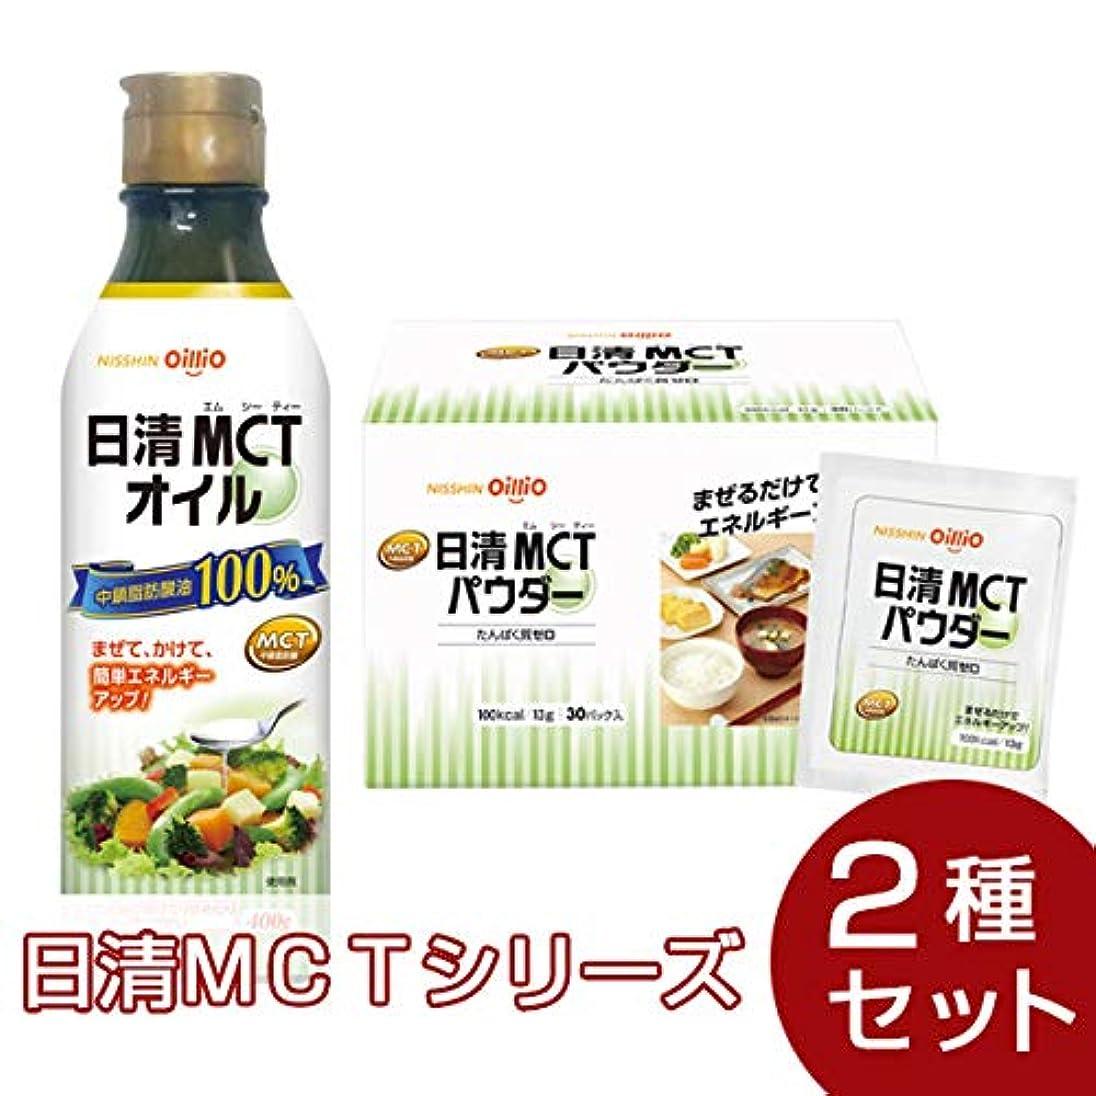 タイピスト誘惑する法廷日清MCTシリーズ 2種セット